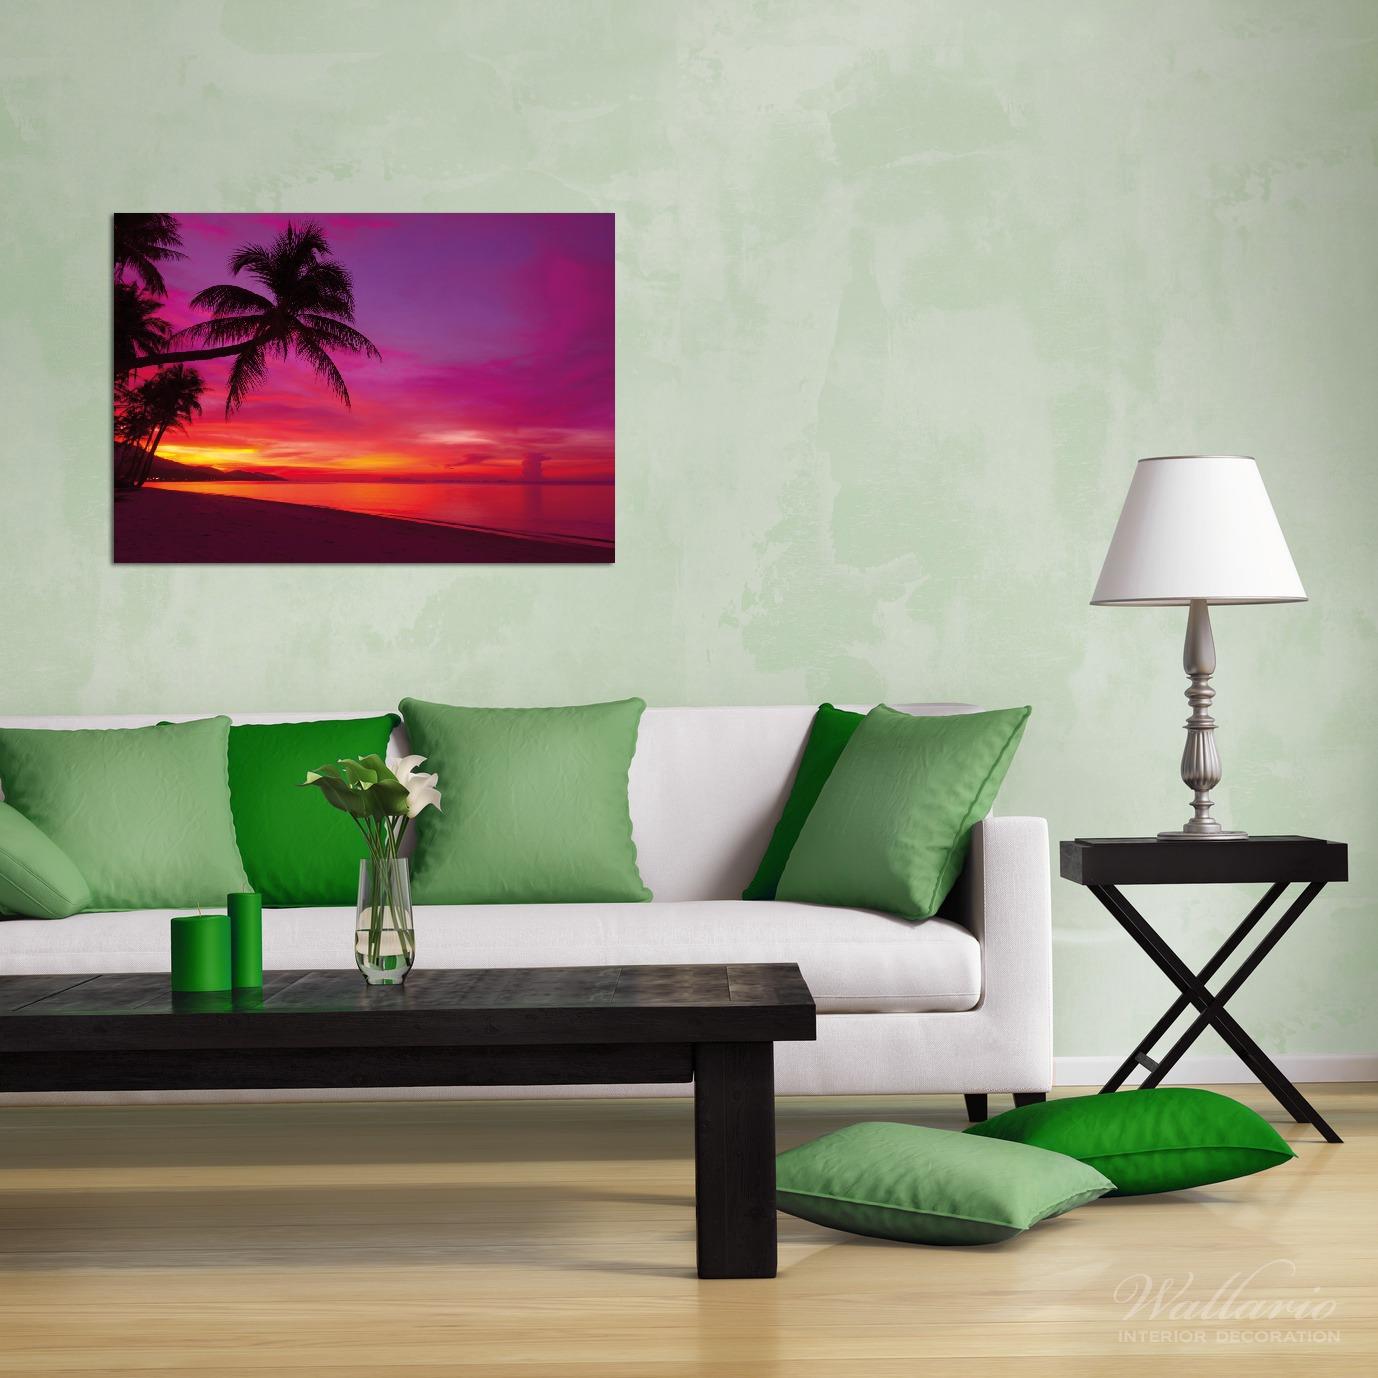 Wandbild Abendrot unter Palmen - pinker Himmel am Strand – Bild 2